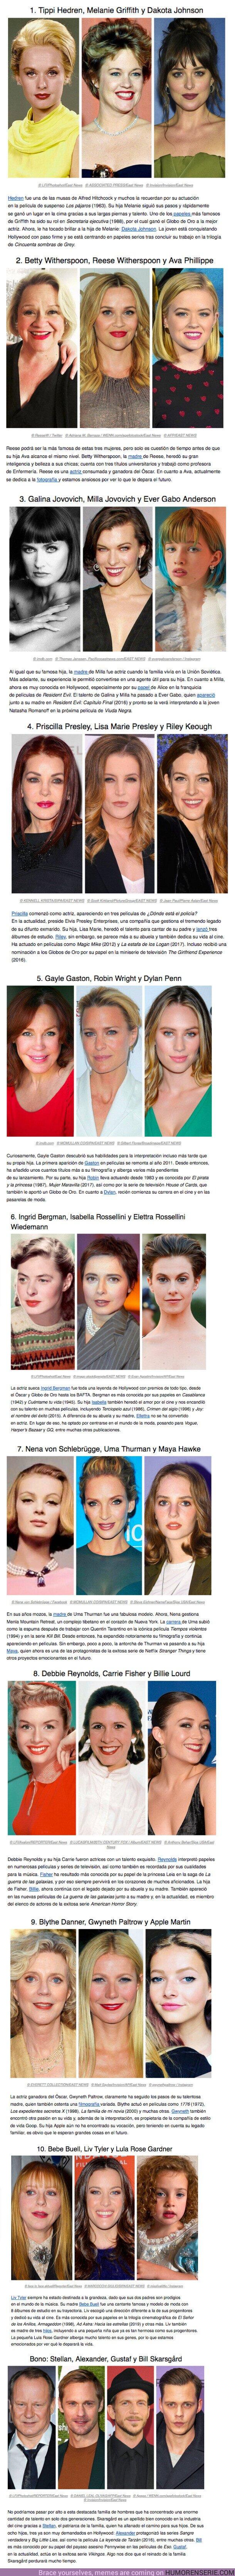 51788 - Once generaciones de actores y actrices que te demuestran la importancia de los genes